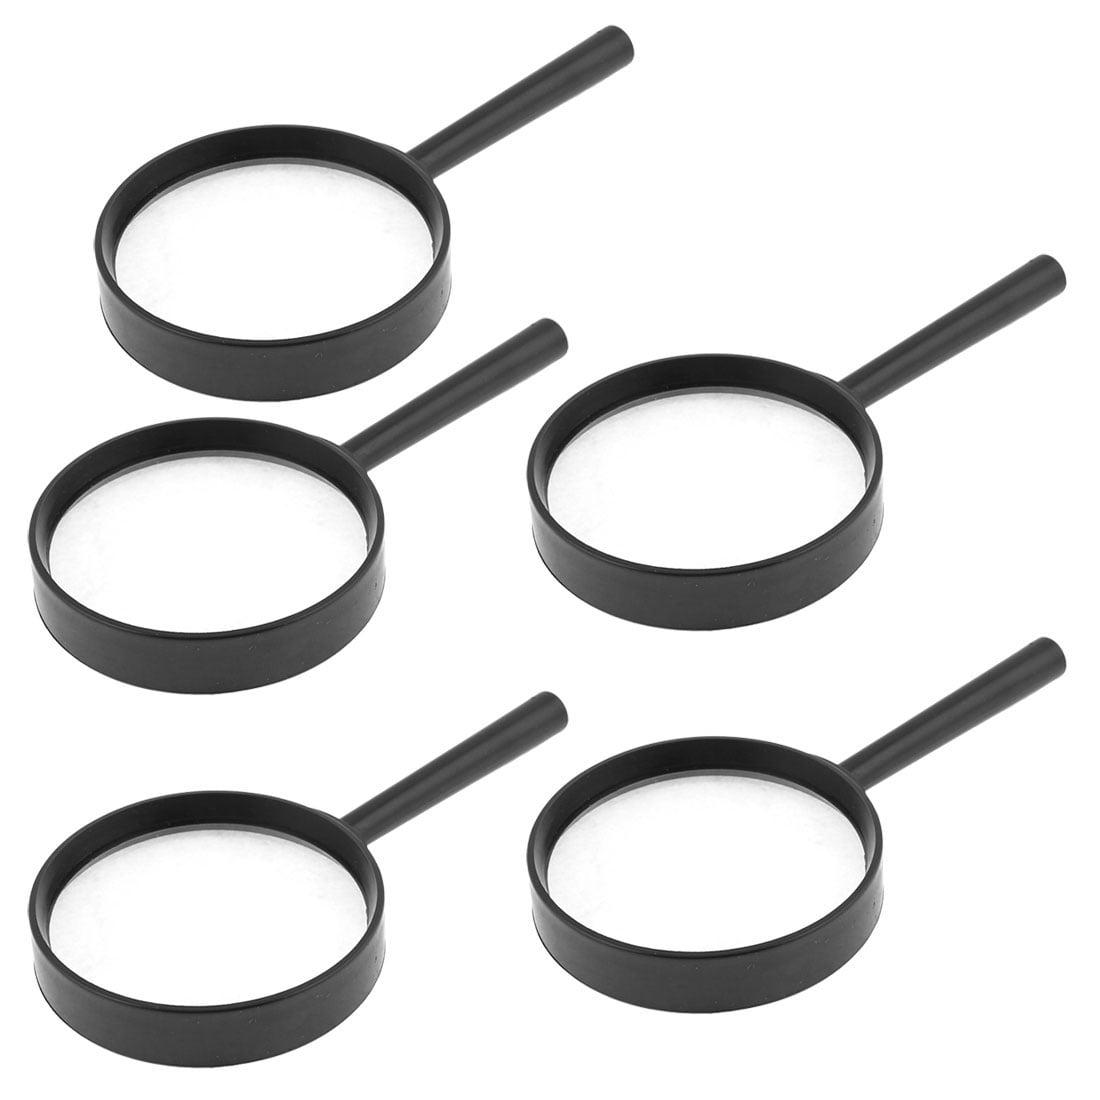 Unique Bargains 5 Pcs Black Plastic Frame 75mm Diameter Lens 3X Handheld Magnifier